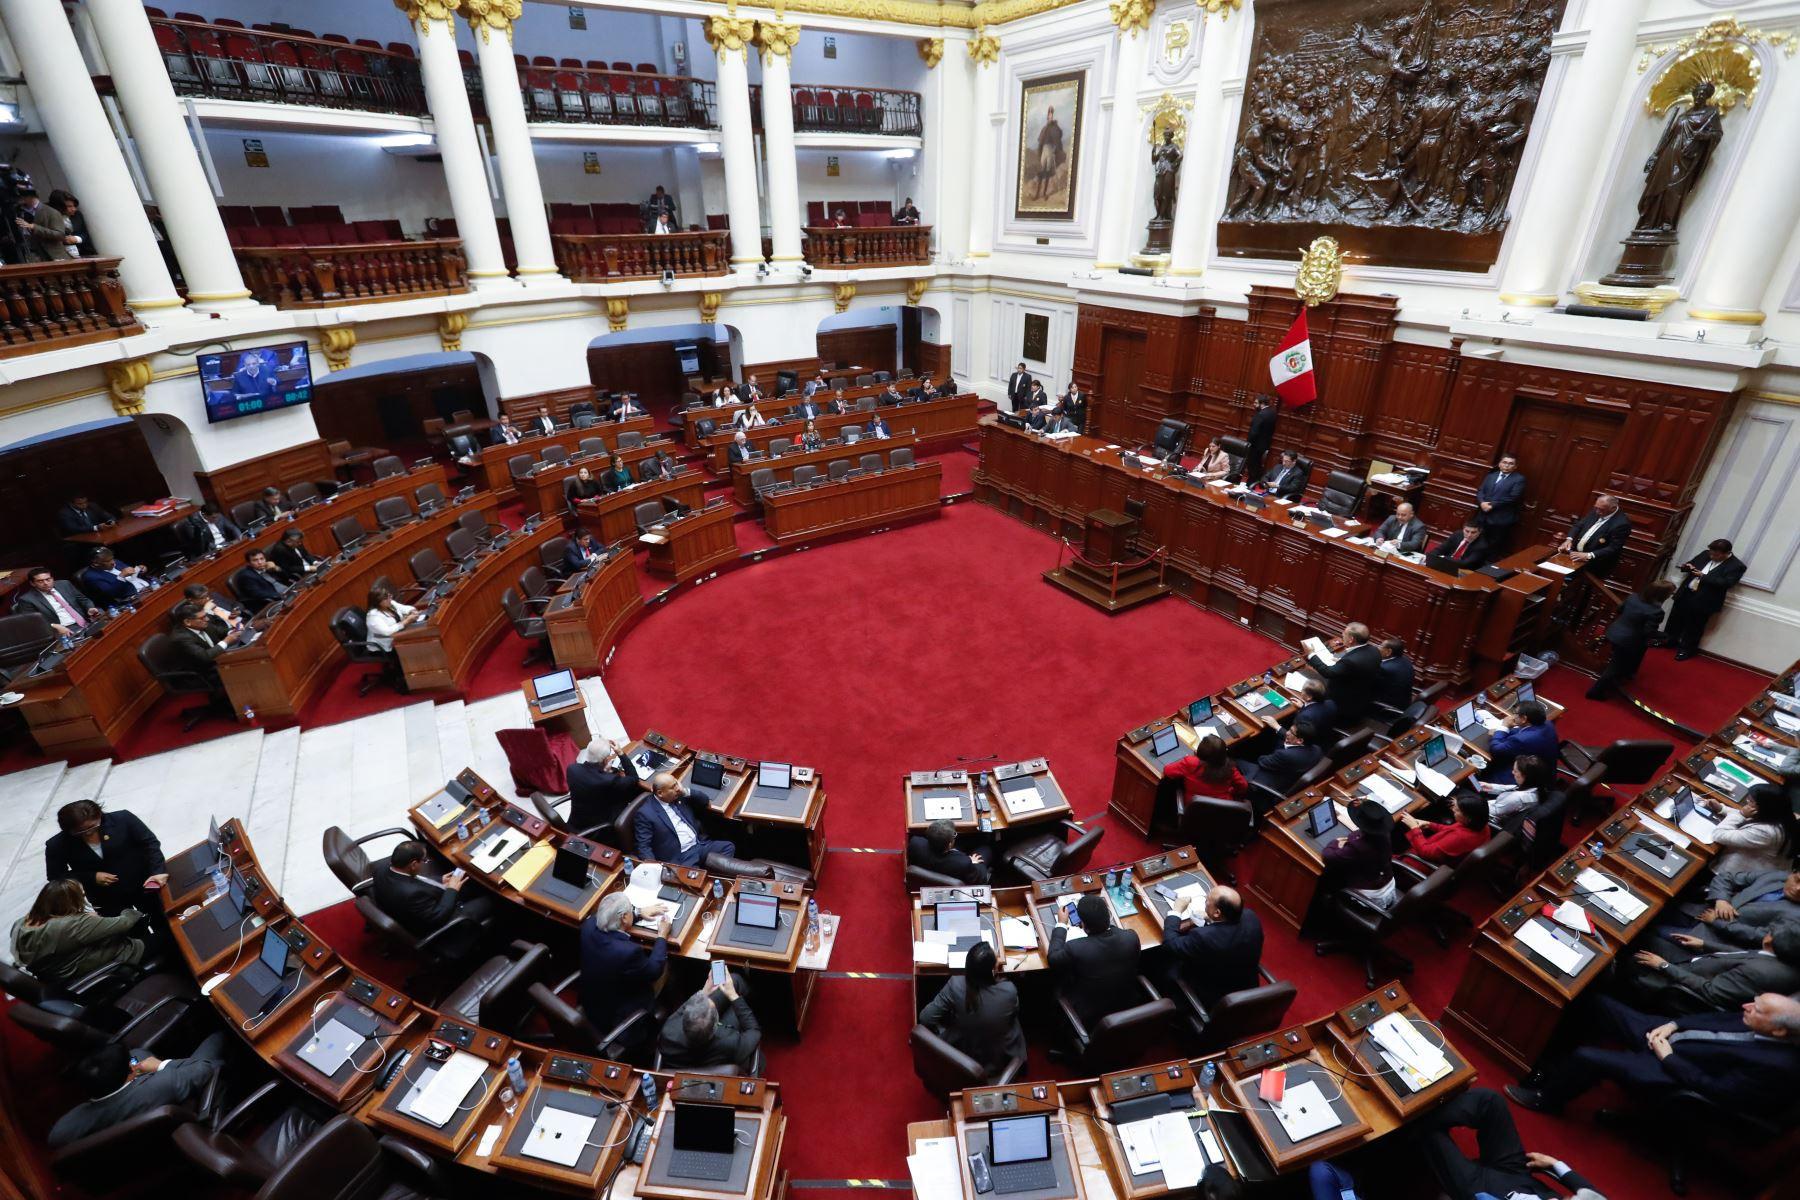 congreso-aprobo-texto-sustitutorio-para-sancionar-penalmente-la-especulacion-de-bienes-esenciales